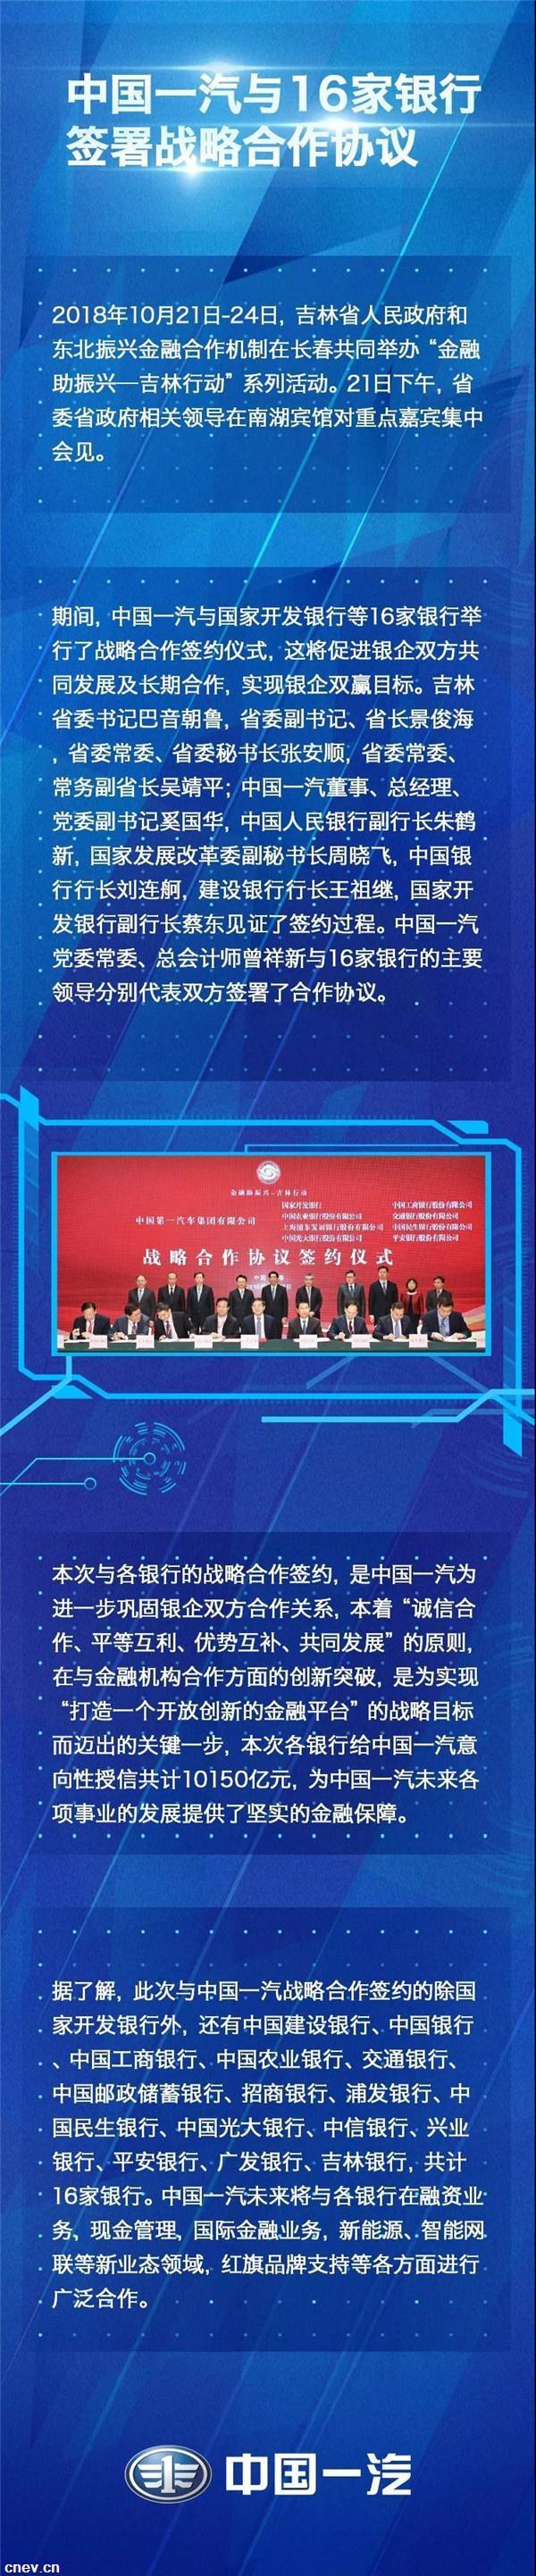 中国一汽获得16家银行超1万亿意向性授信